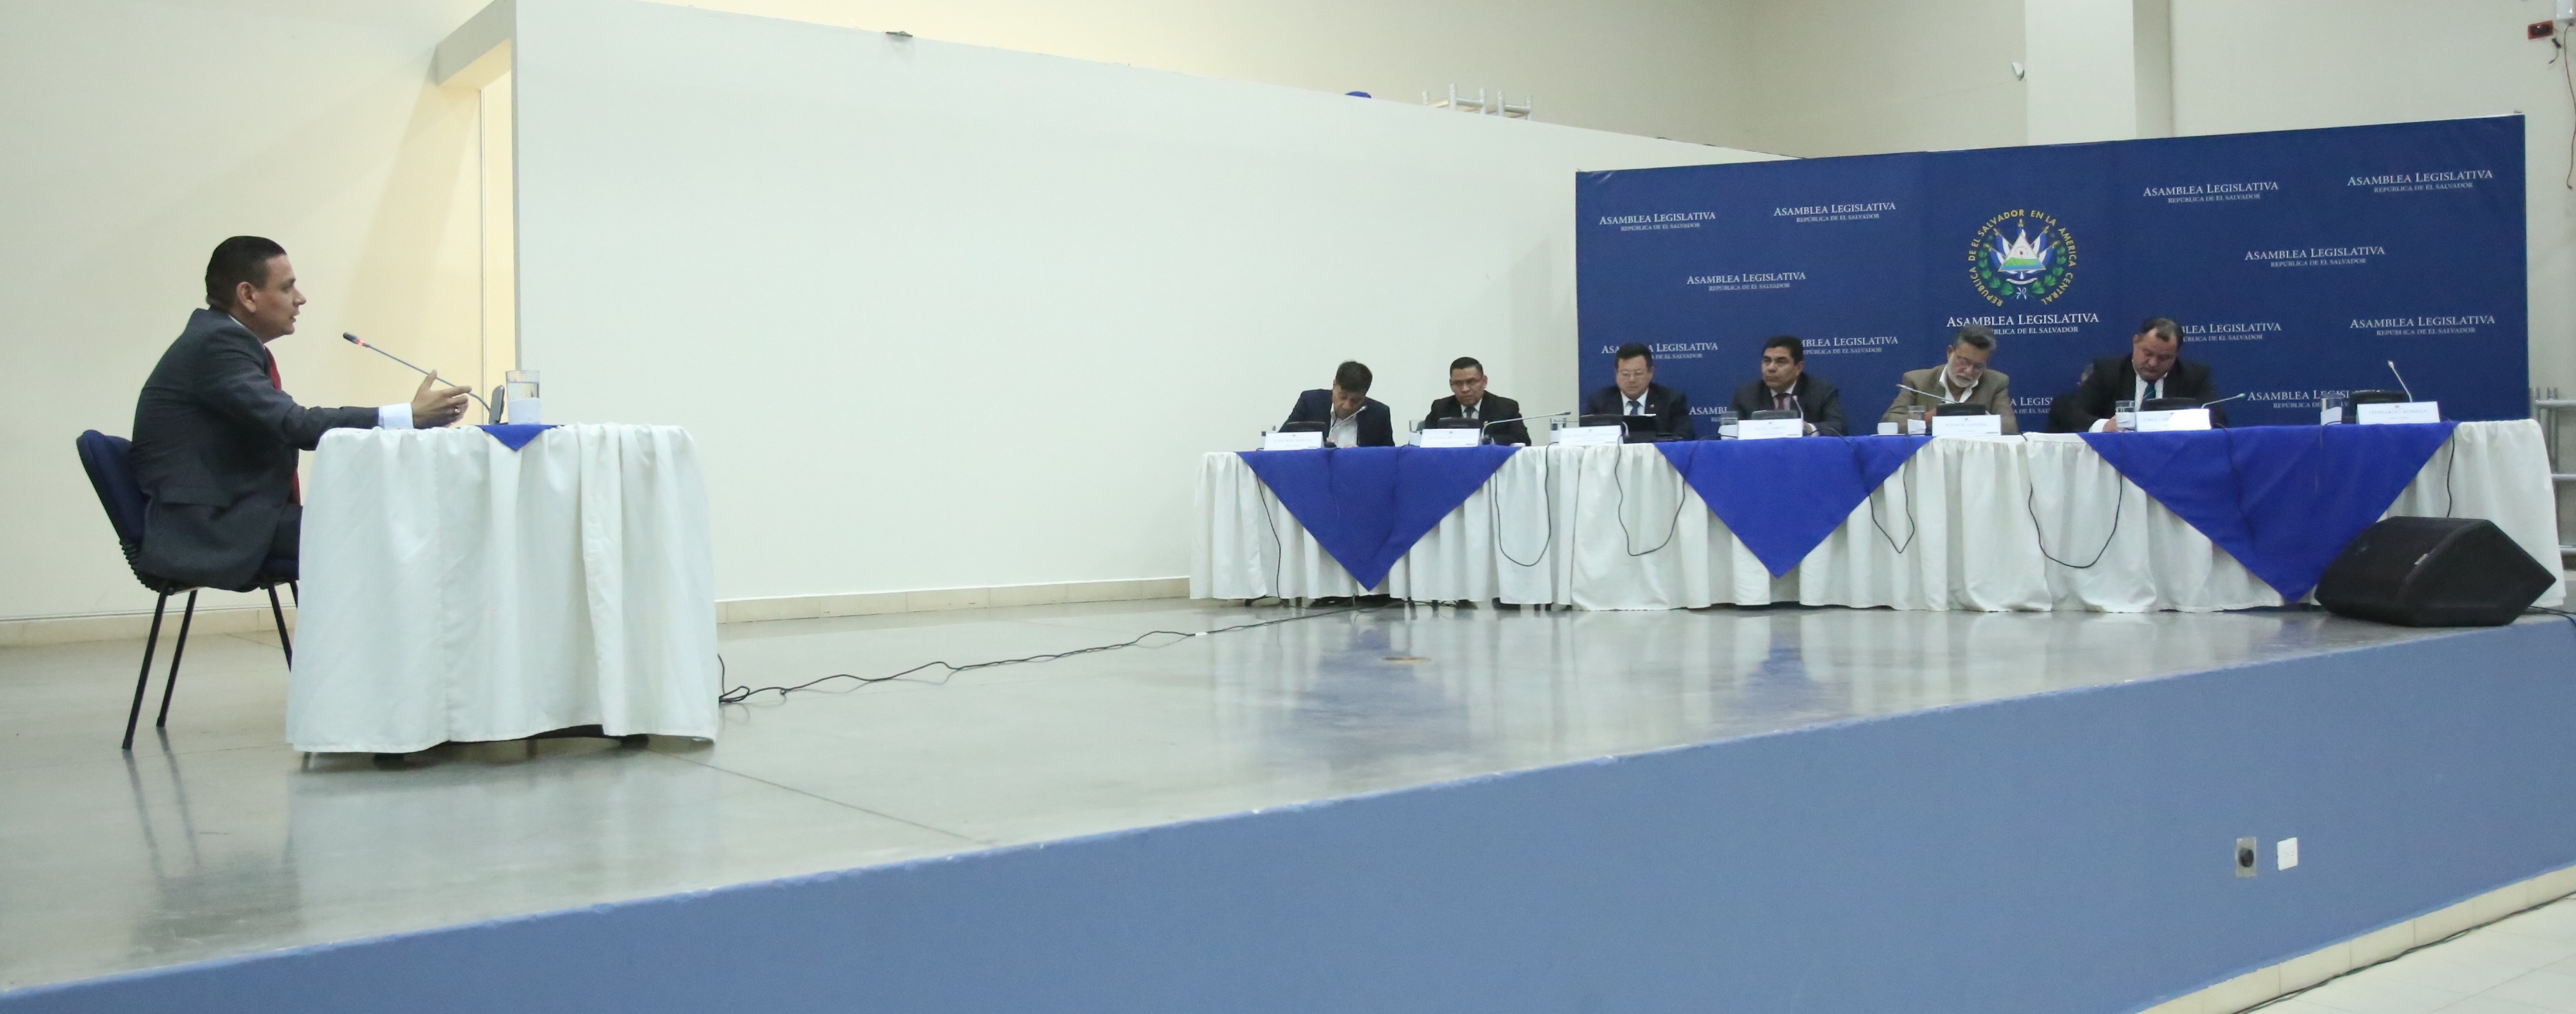 Este viernes se consolidará la mitad de entrevistas a candidatos a procurador general